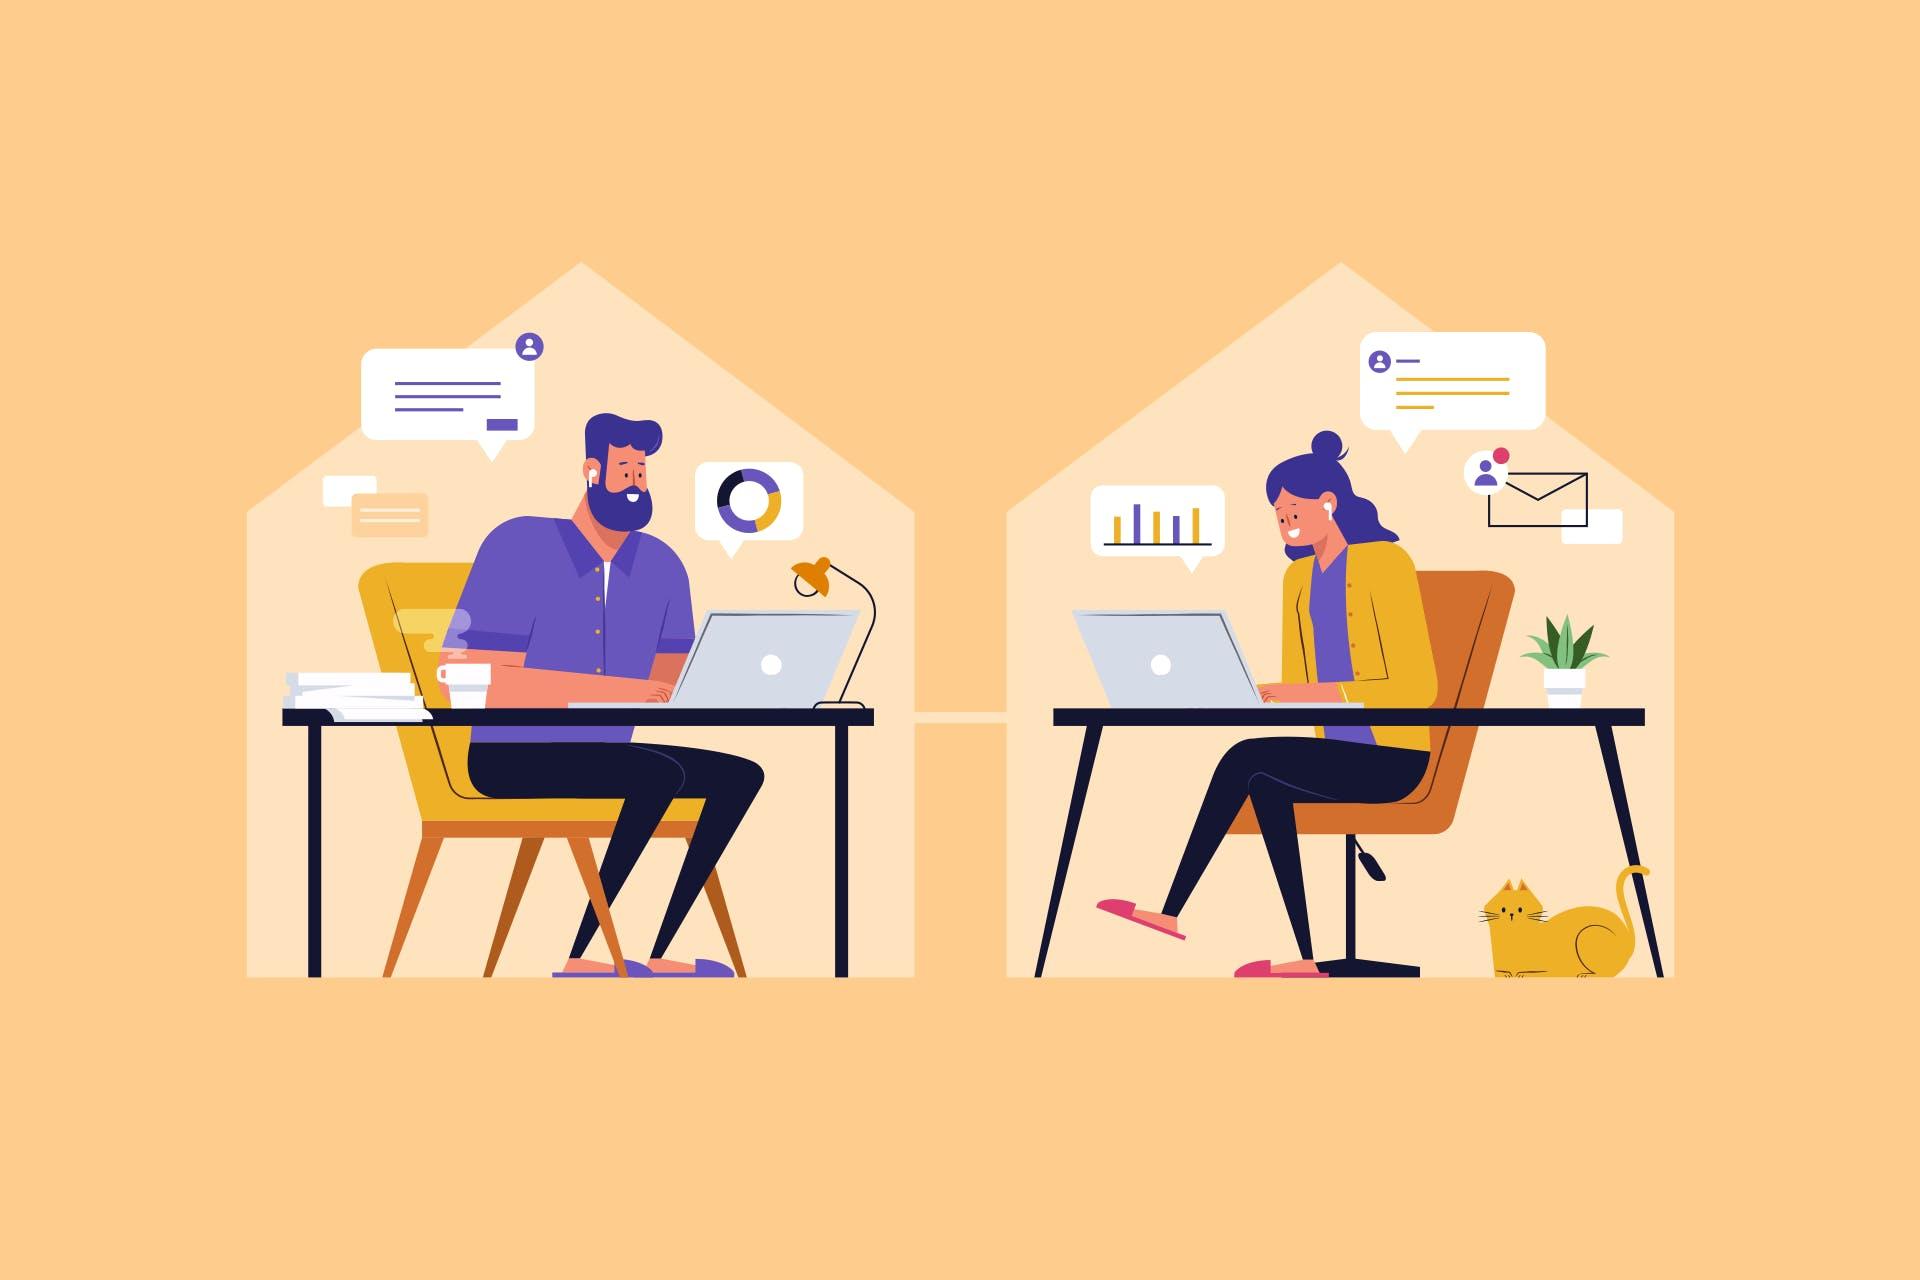 Piirroskuva kuvaa korona-ajan sisäistä viestintää. Kaksi henkilöä työskentelee omissa taloissaan etänä ja kommunikoi keskenään sähköisesti.